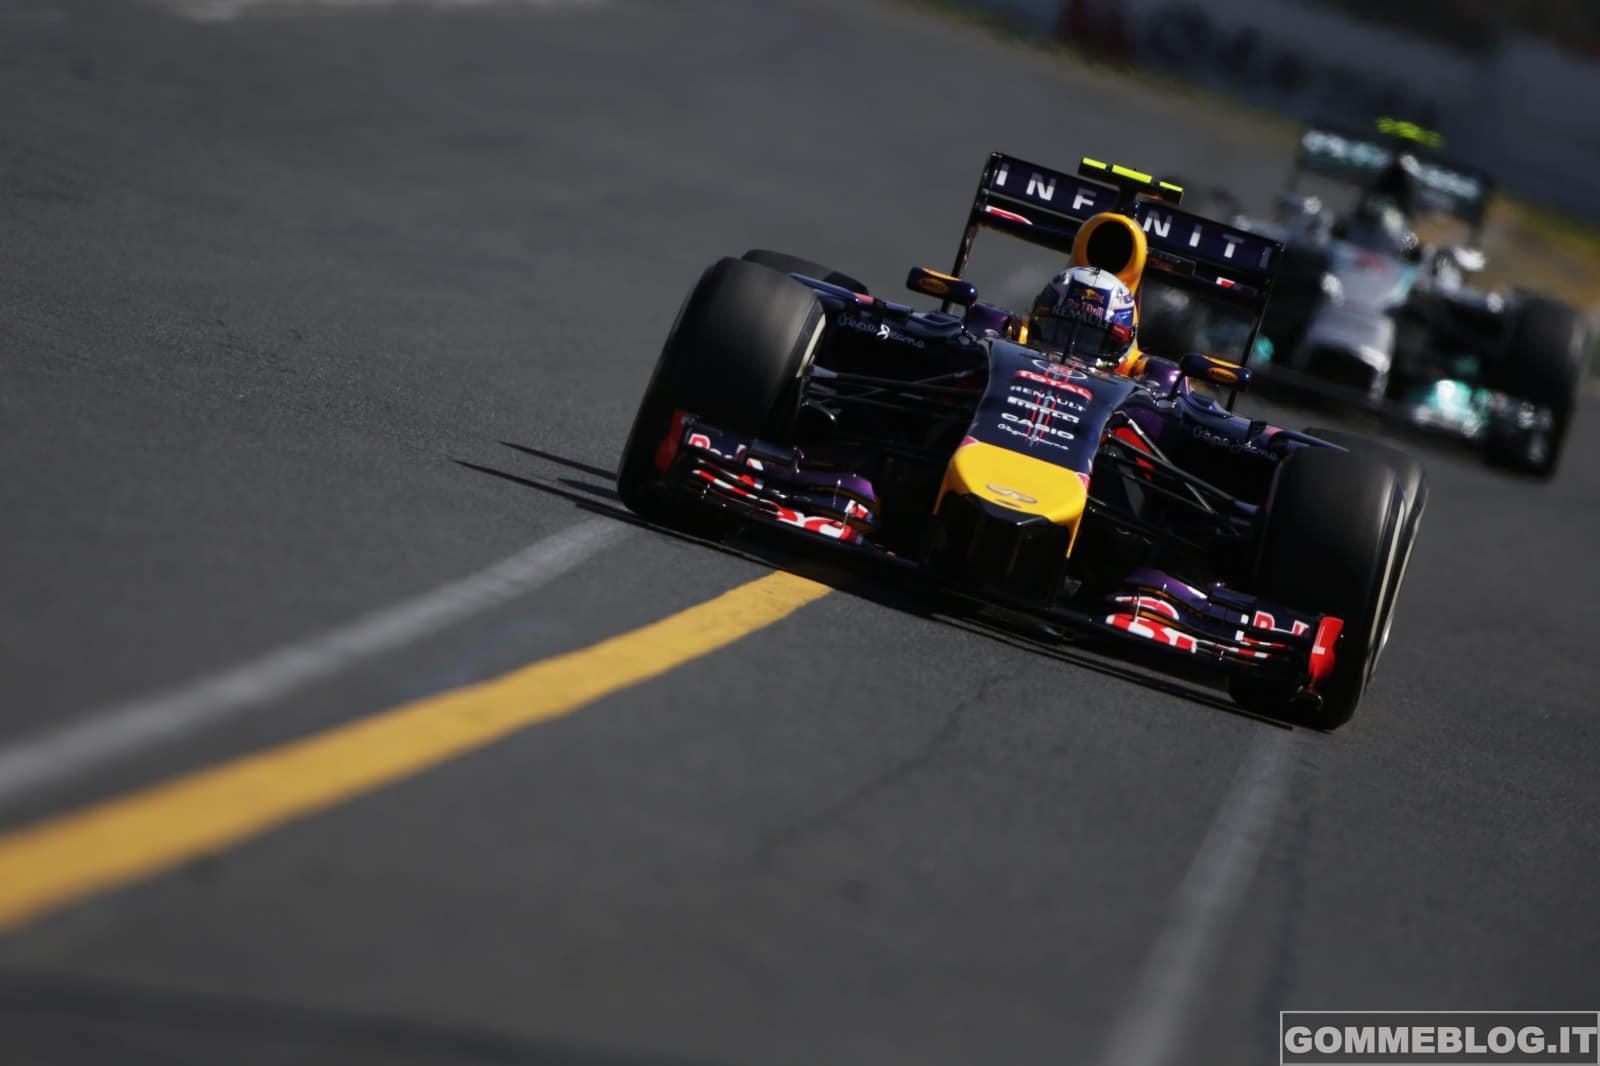 F1 2014 Gran Premio d'Australia: Pneumatici Pirelli e le Tante Novità